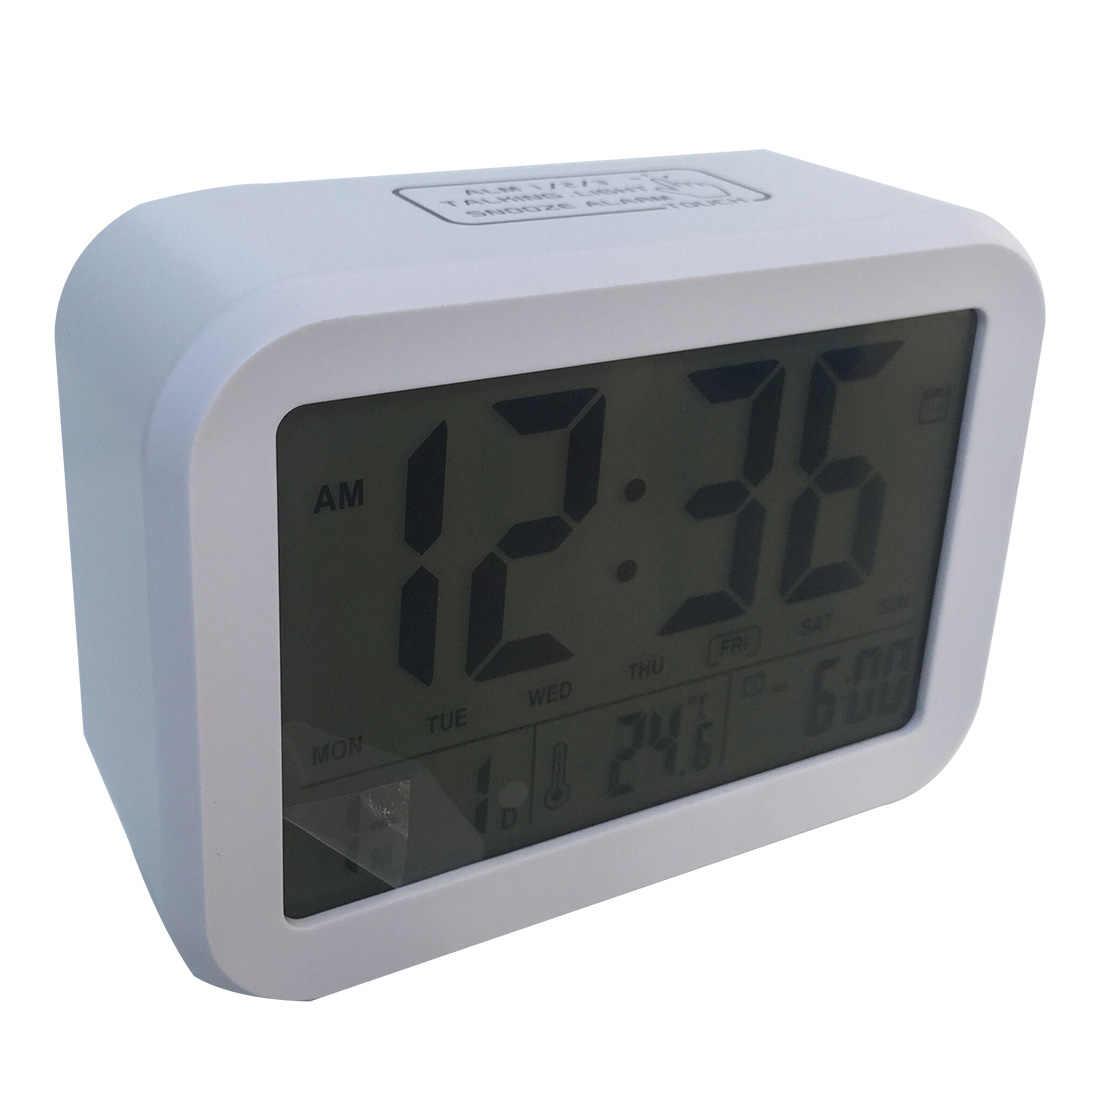 Homingdeco световой бесшумные электронные цифровой будильник арабскими цифрами сенсорный зондирования Silent настольные часы для домашнего декора